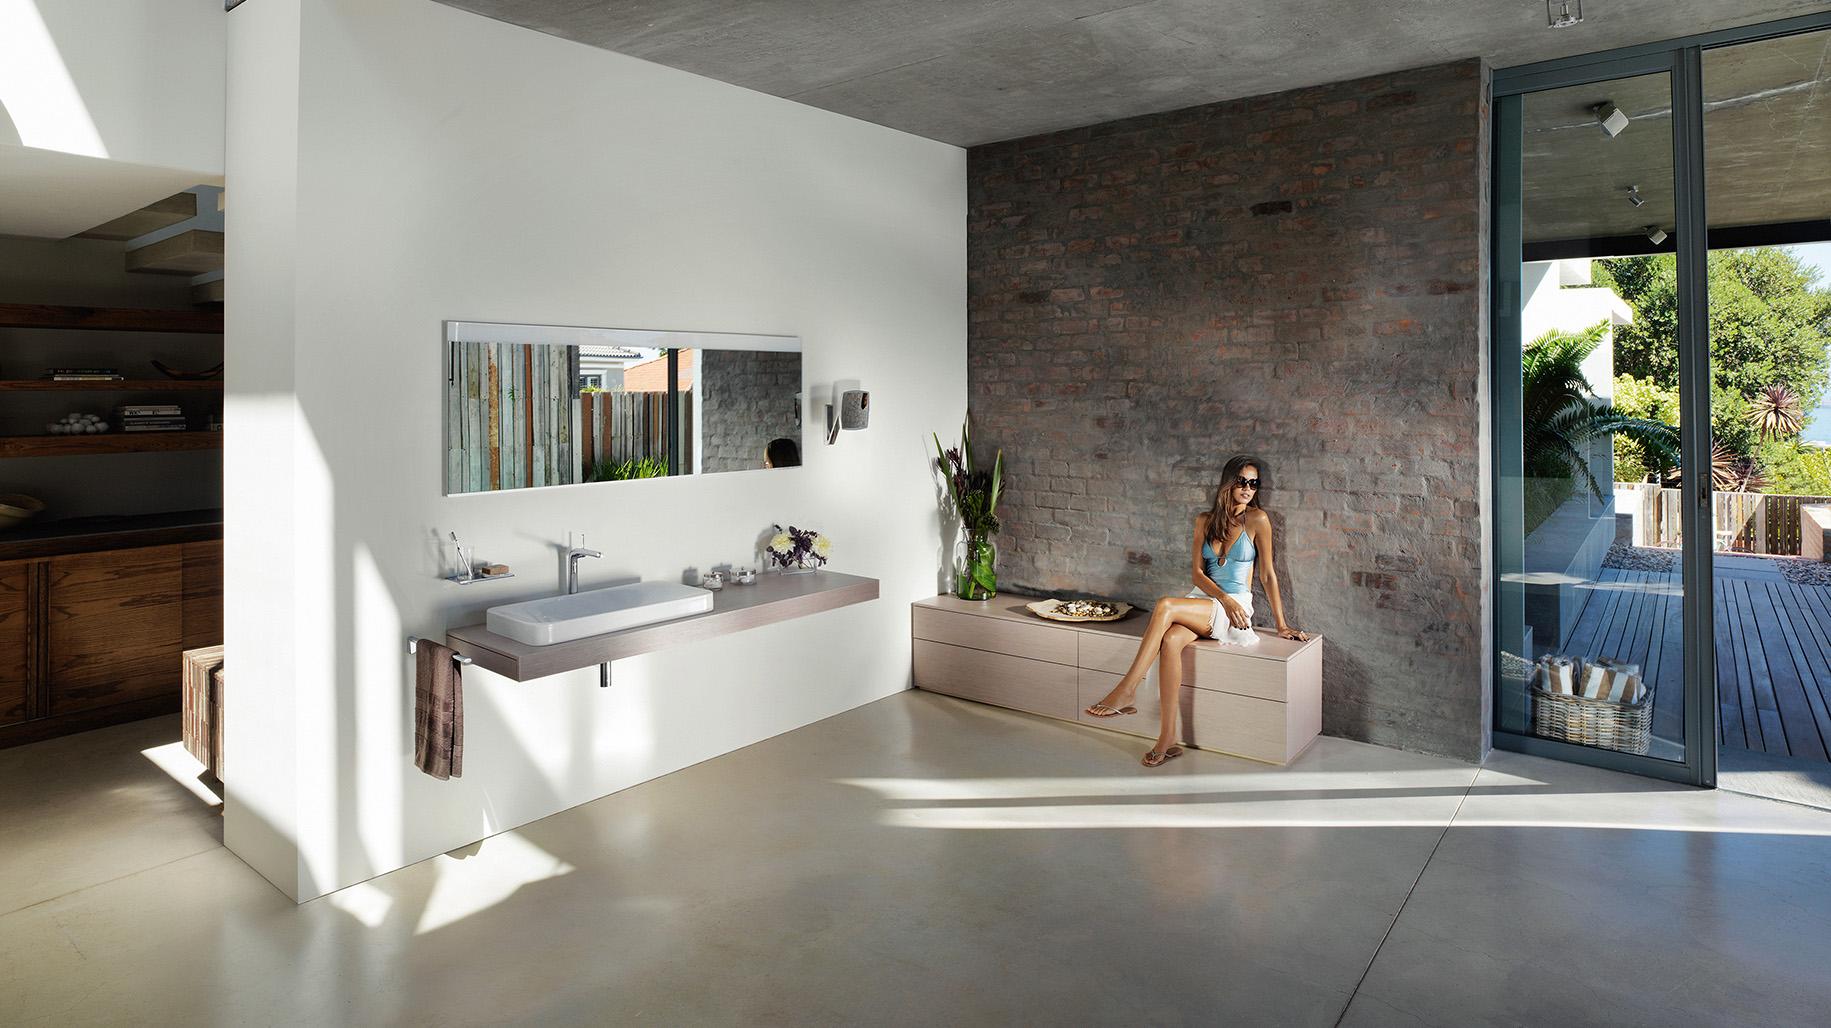 sanit rgro handel darmstadt eckventil waschmaschine. Black Bedroom Furniture Sets. Home Design Ideas